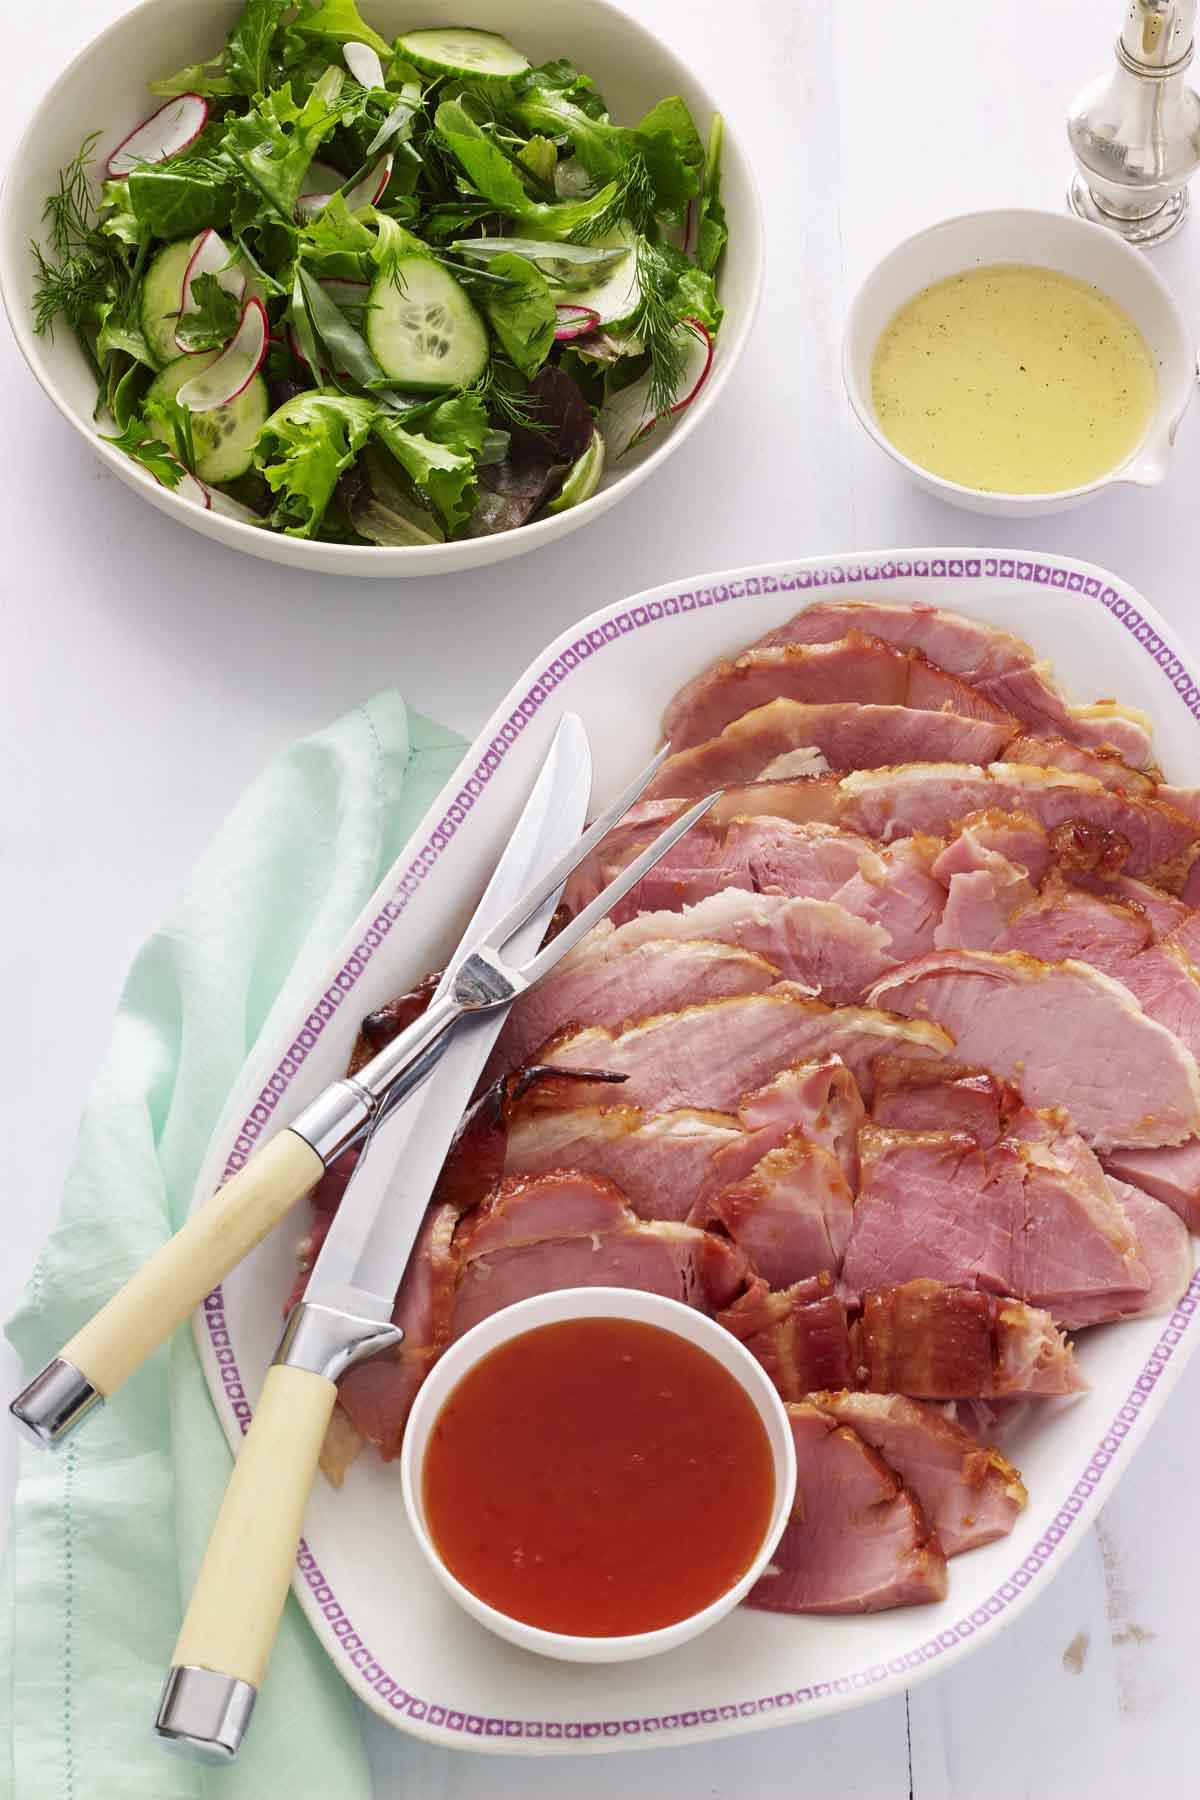 21 easy easter dinner ideas recipes for the best easter for Food for easter dinner